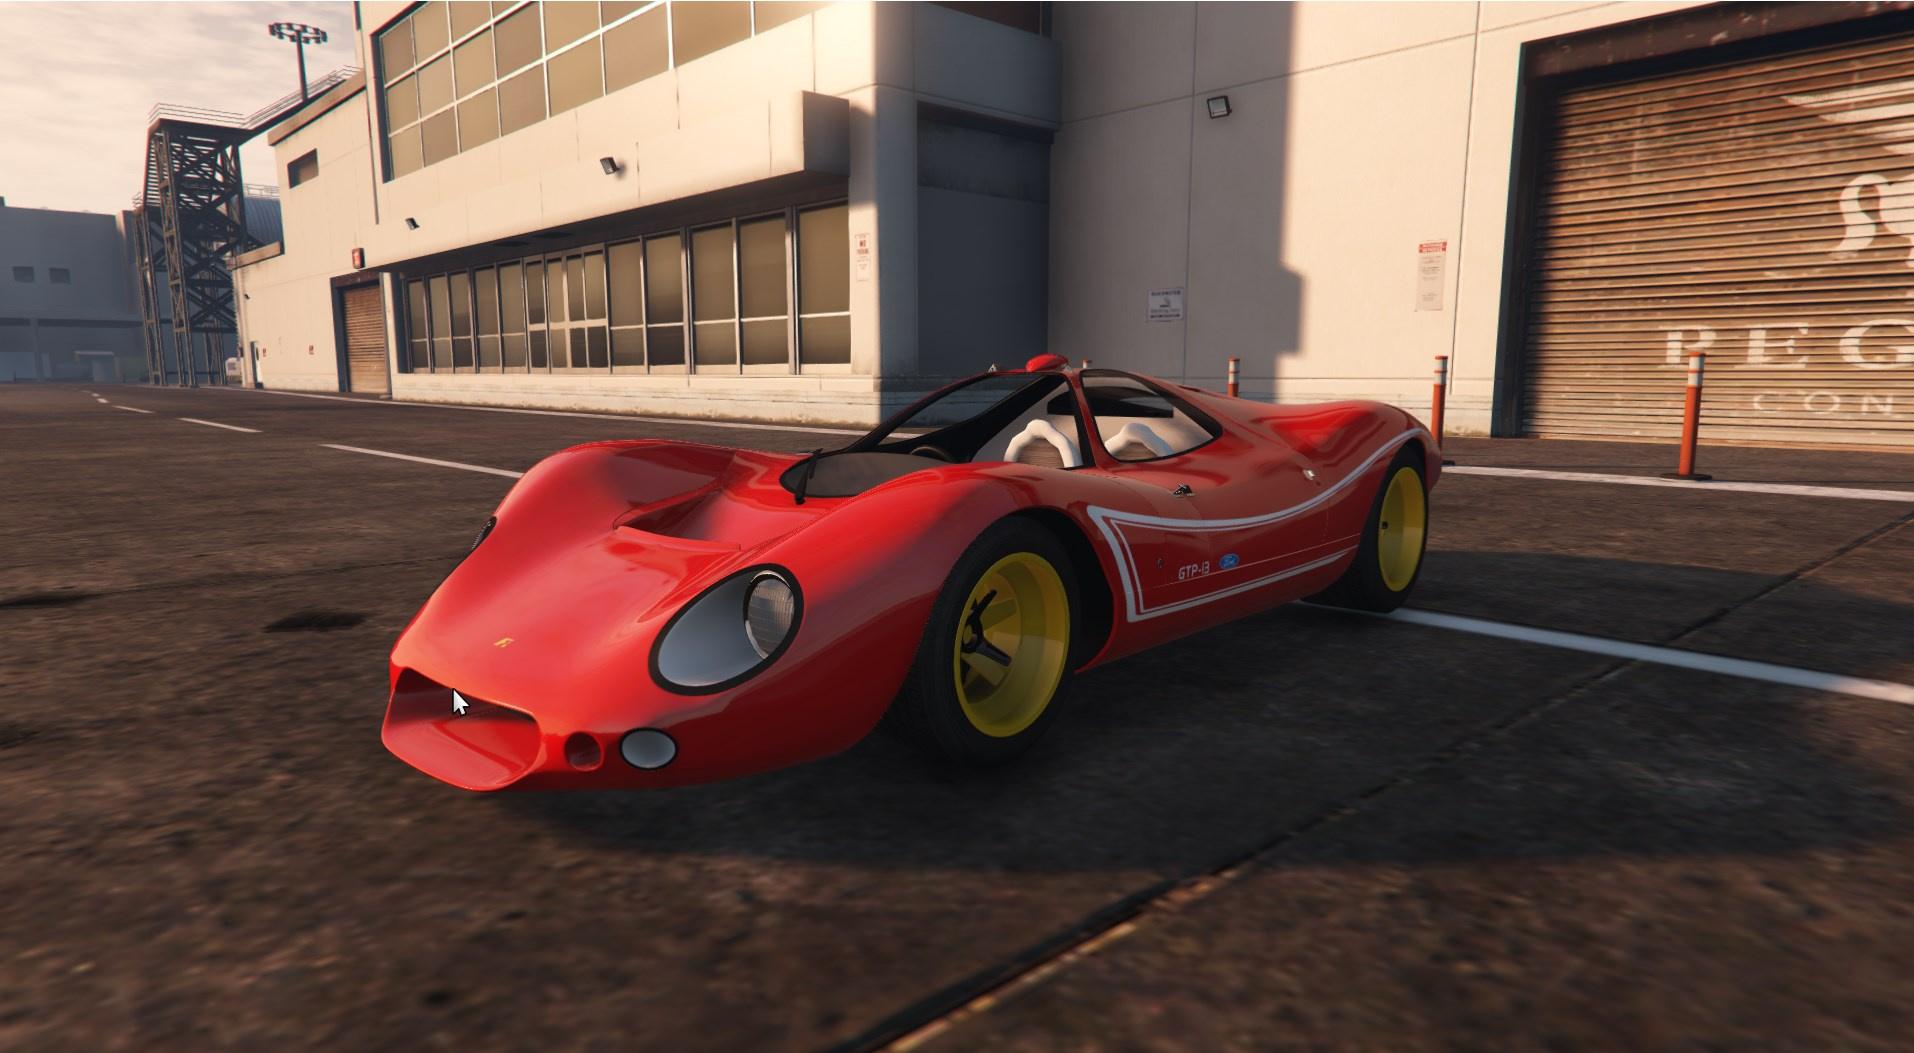 GTP-13 -Gran Turismo Prototype 2013 - GTA5-Mods.com